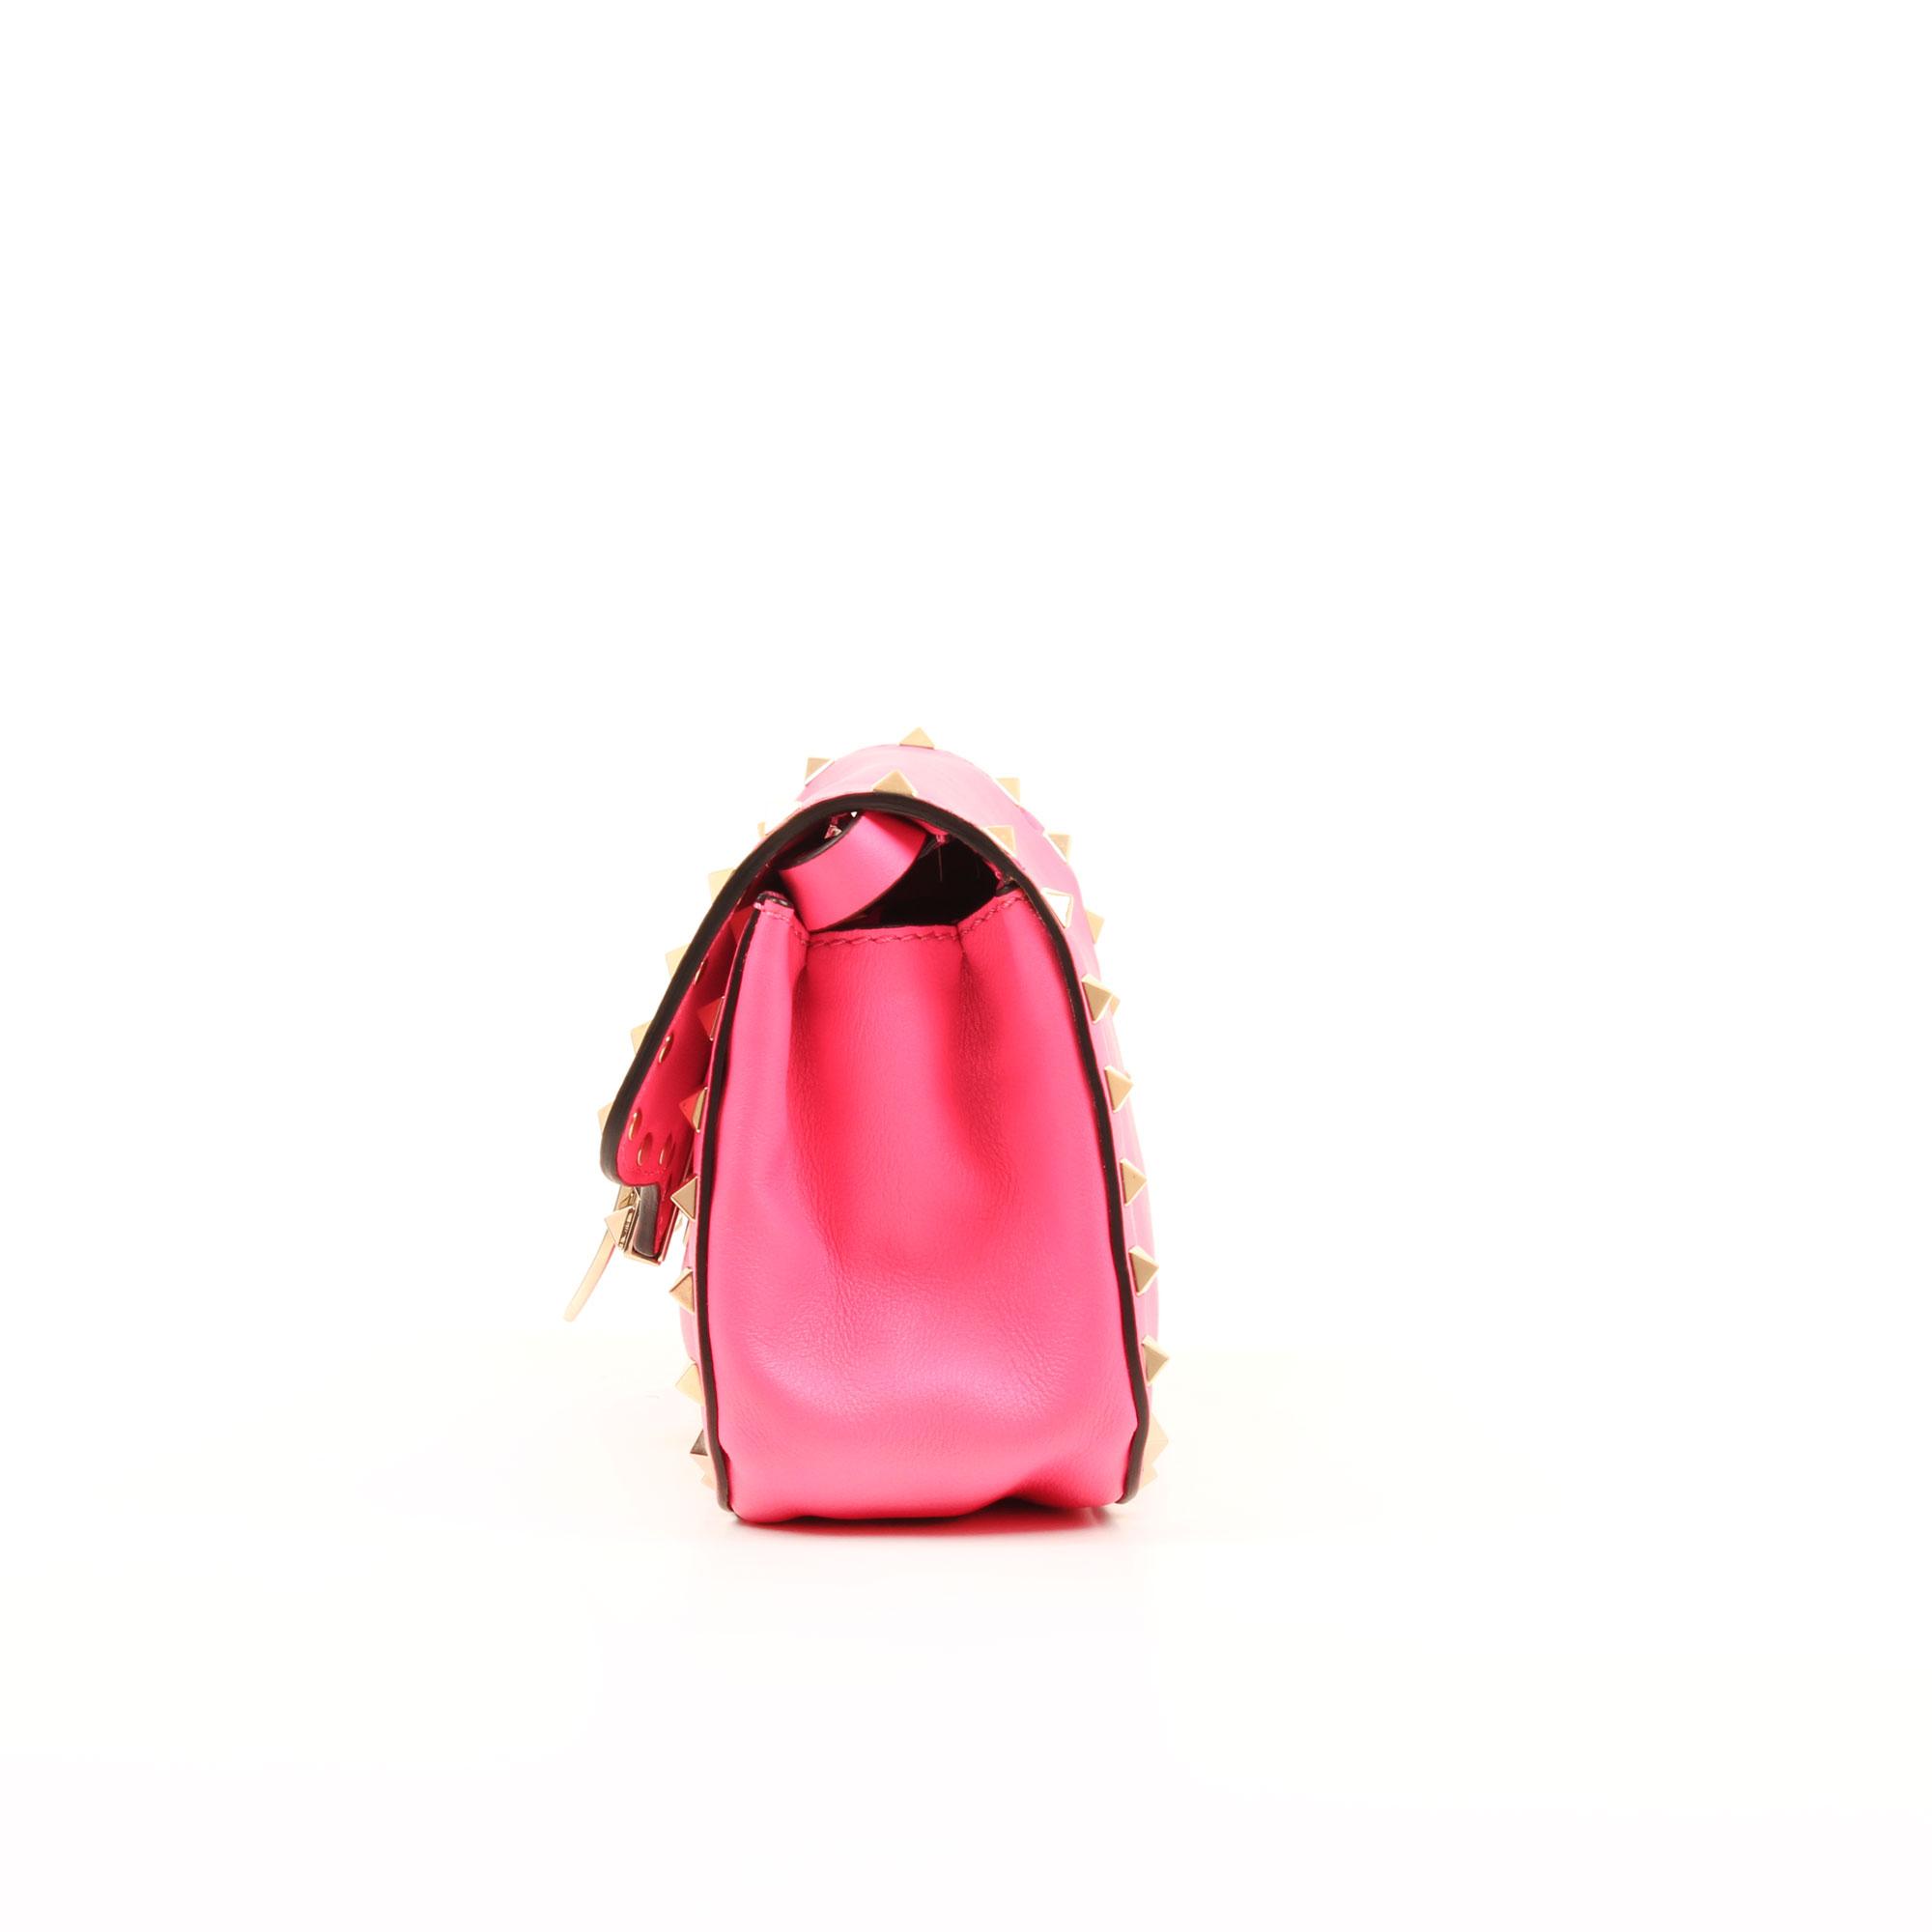 Side detail bag of valentino mini rockstud pink bag